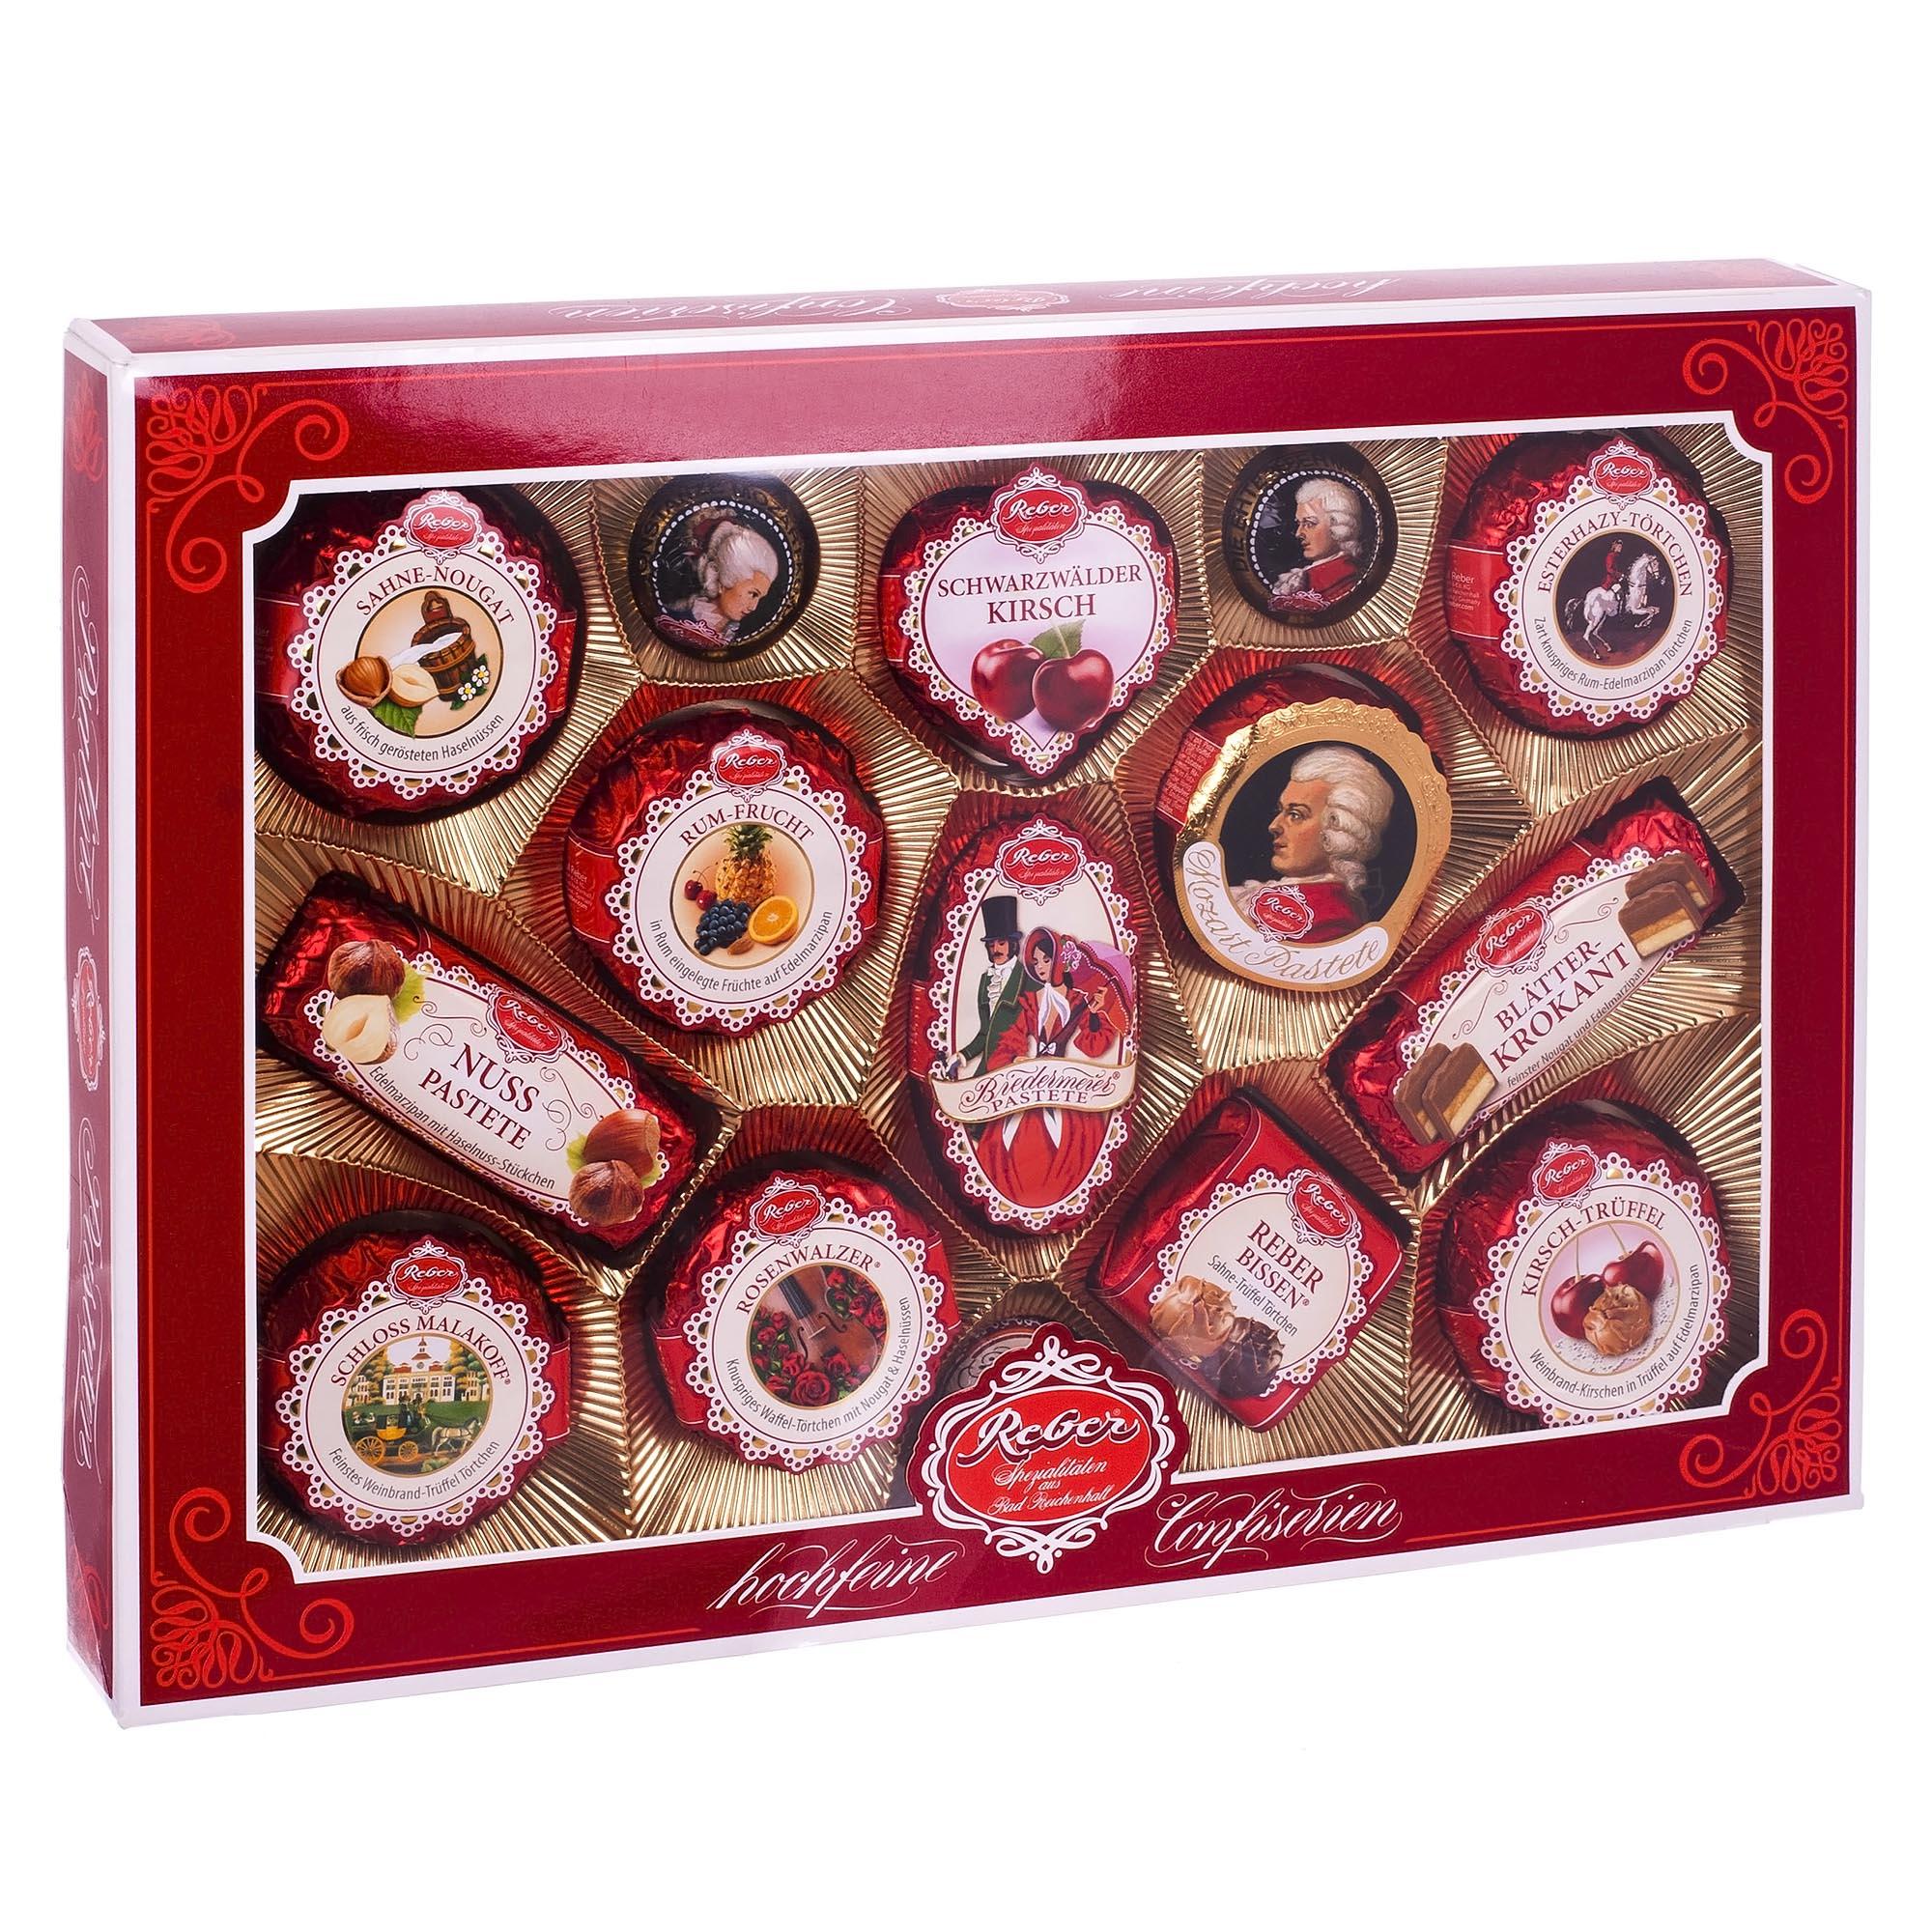 Набор конфет подарочный Моцарт Reber 500/525 г (1410103)